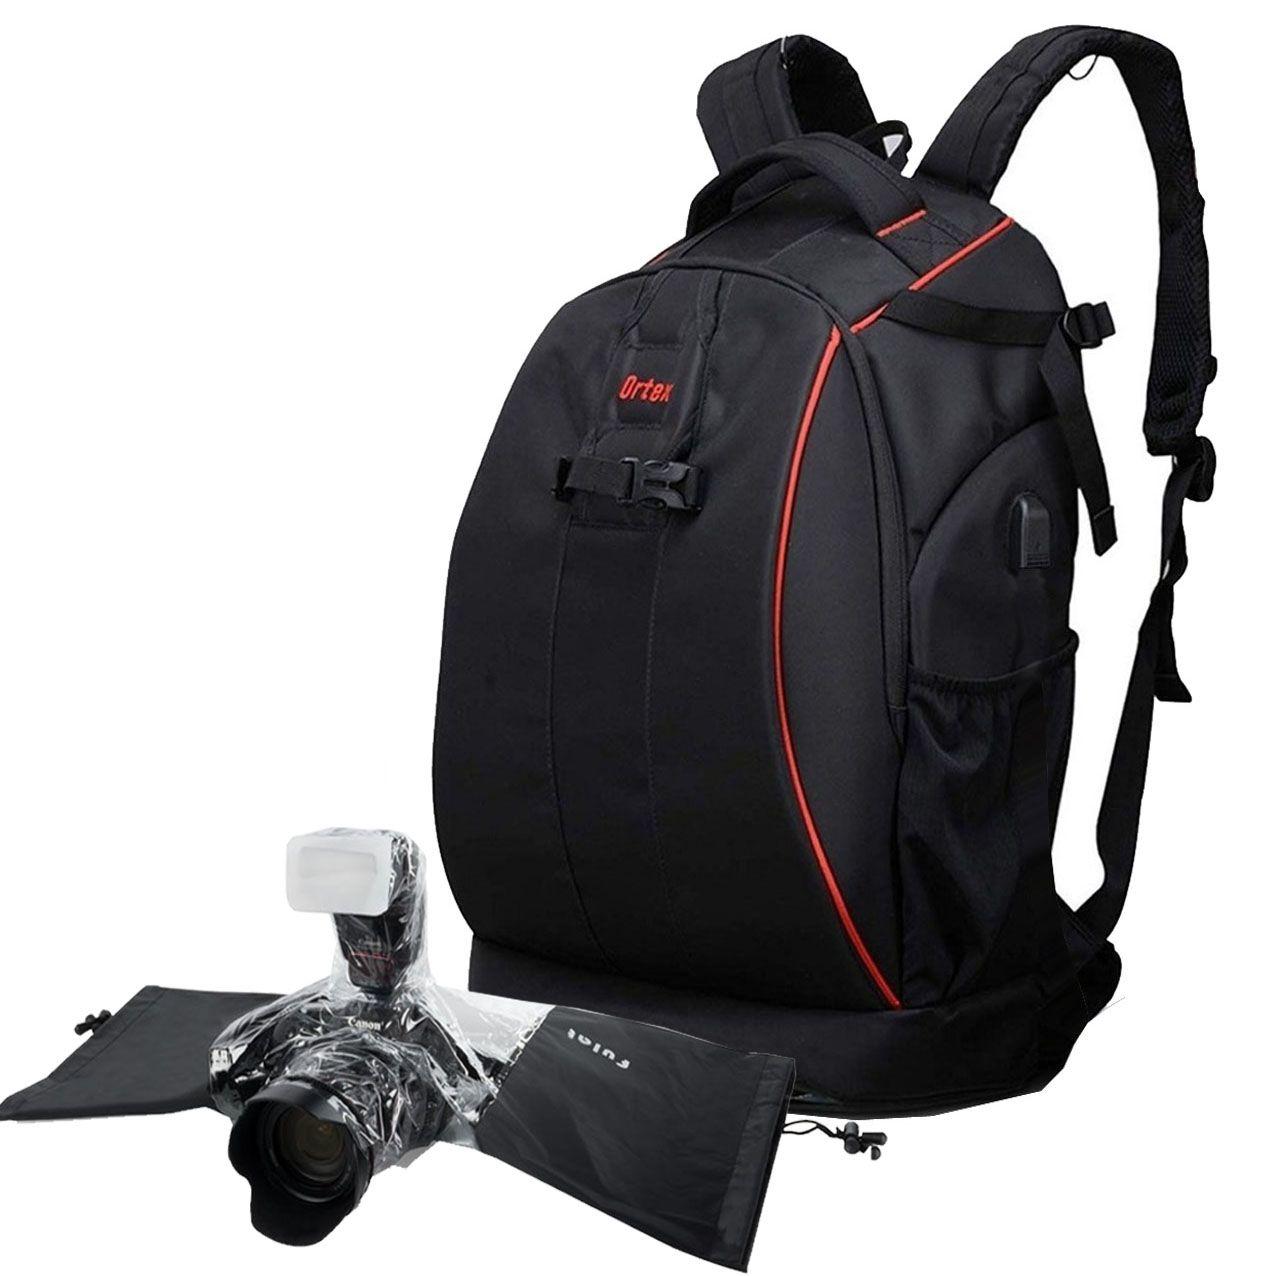 Mochila DSLR Filmadora Tablet - Ortex K7 com Capa de CHuva DSLR  - Diafilme Materiais Fotográficos